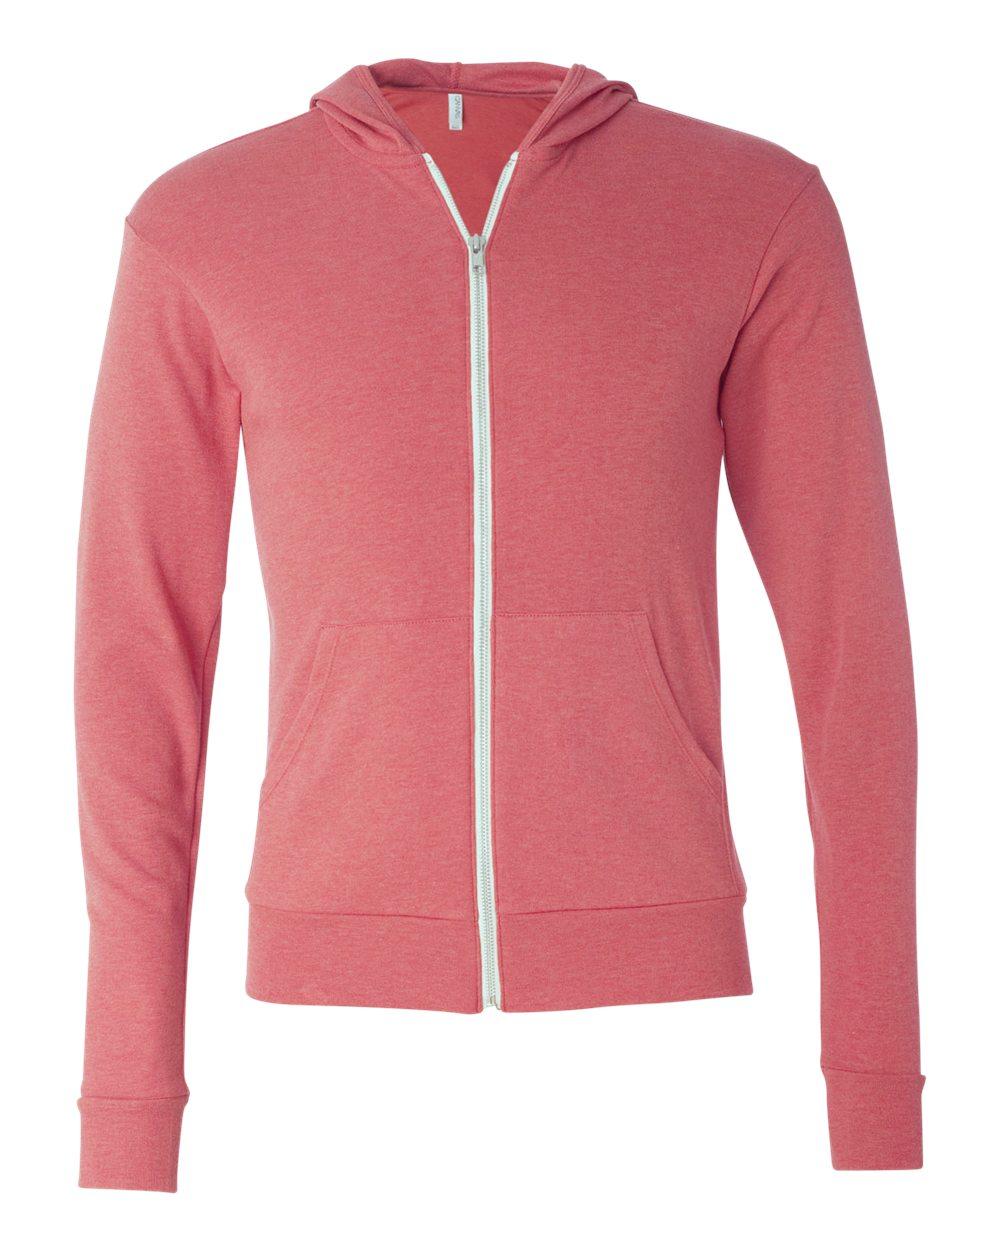 Bella-Canvas-Unisex-Triblend-Lightweight-Hooded-Full-Zip-T-Shirt-3939-upto-2XL thumbnail 24